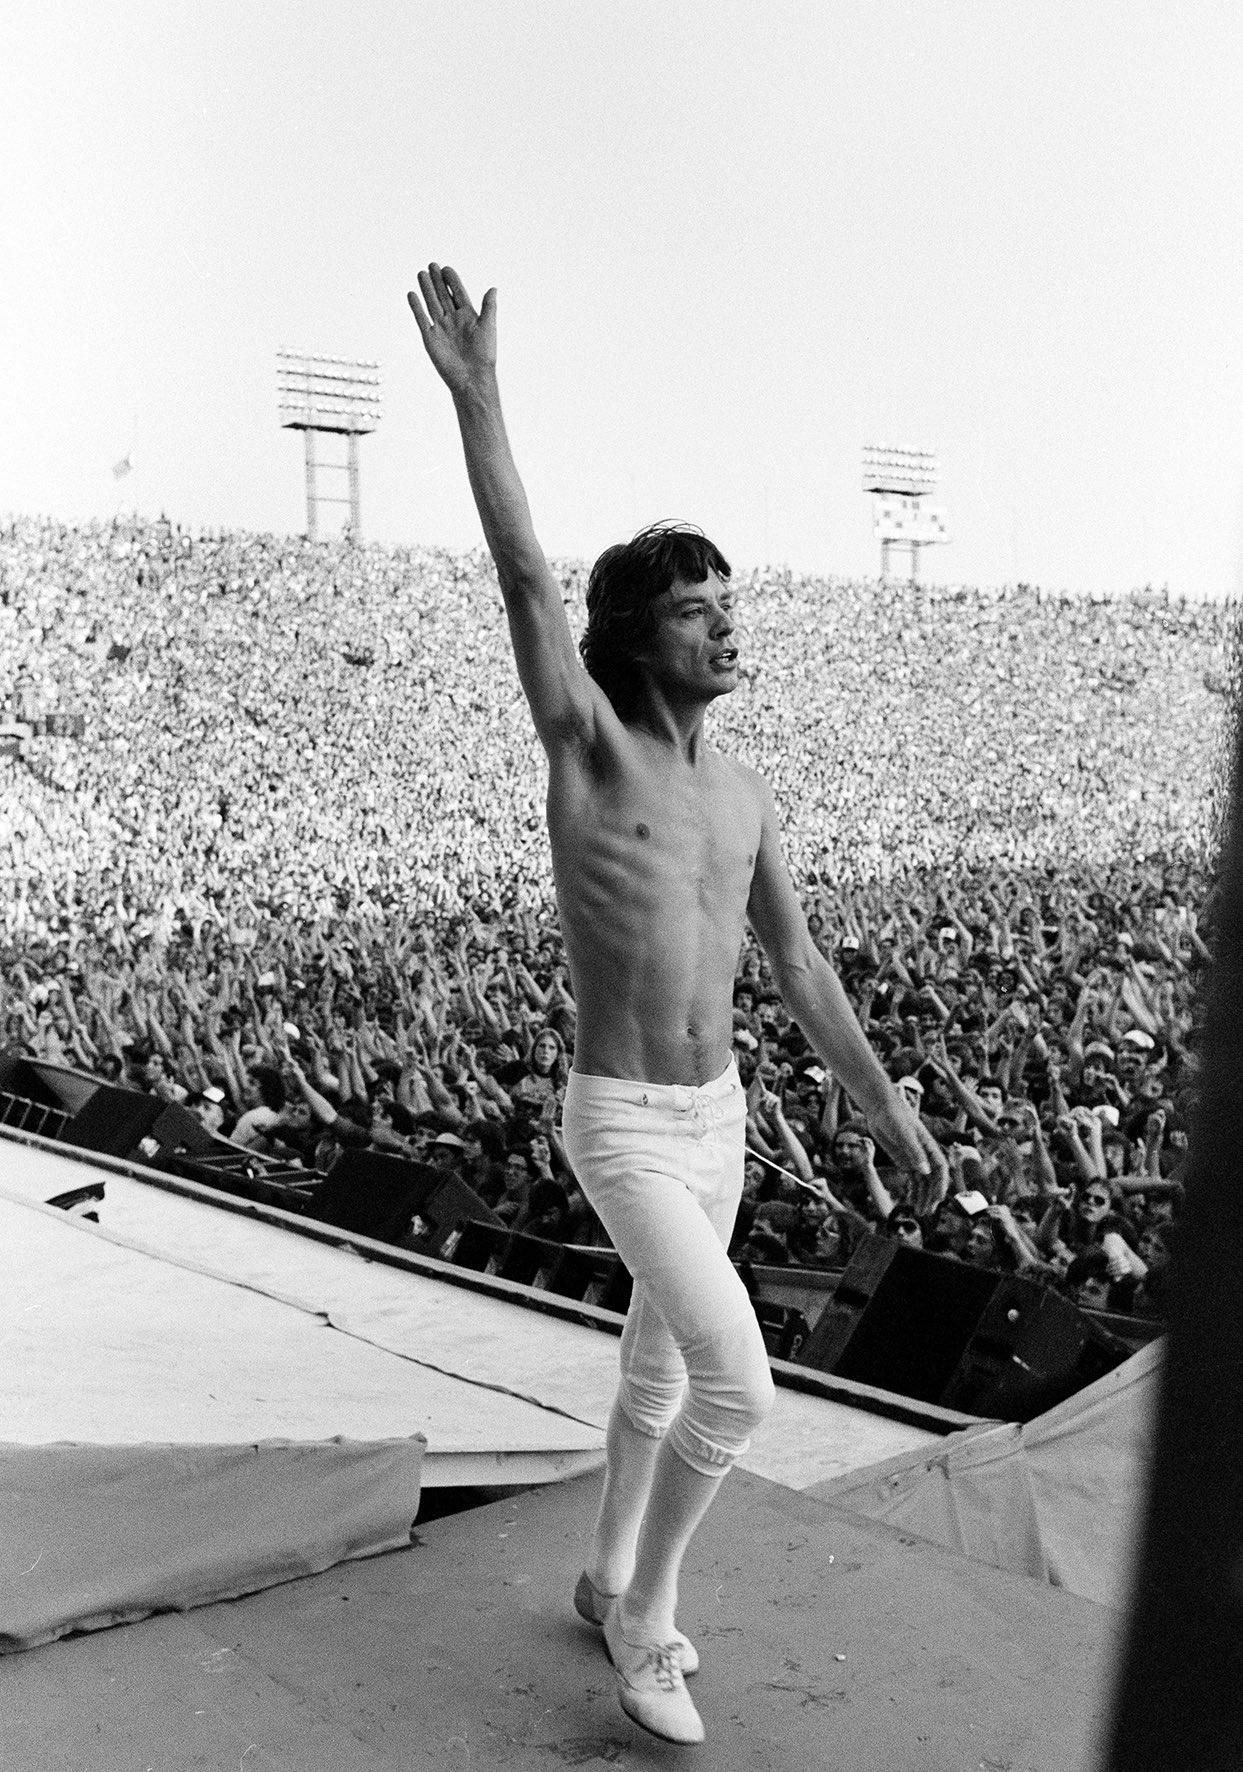 Mick Jagger on Stage, Philadelphia, US Tour, 1981